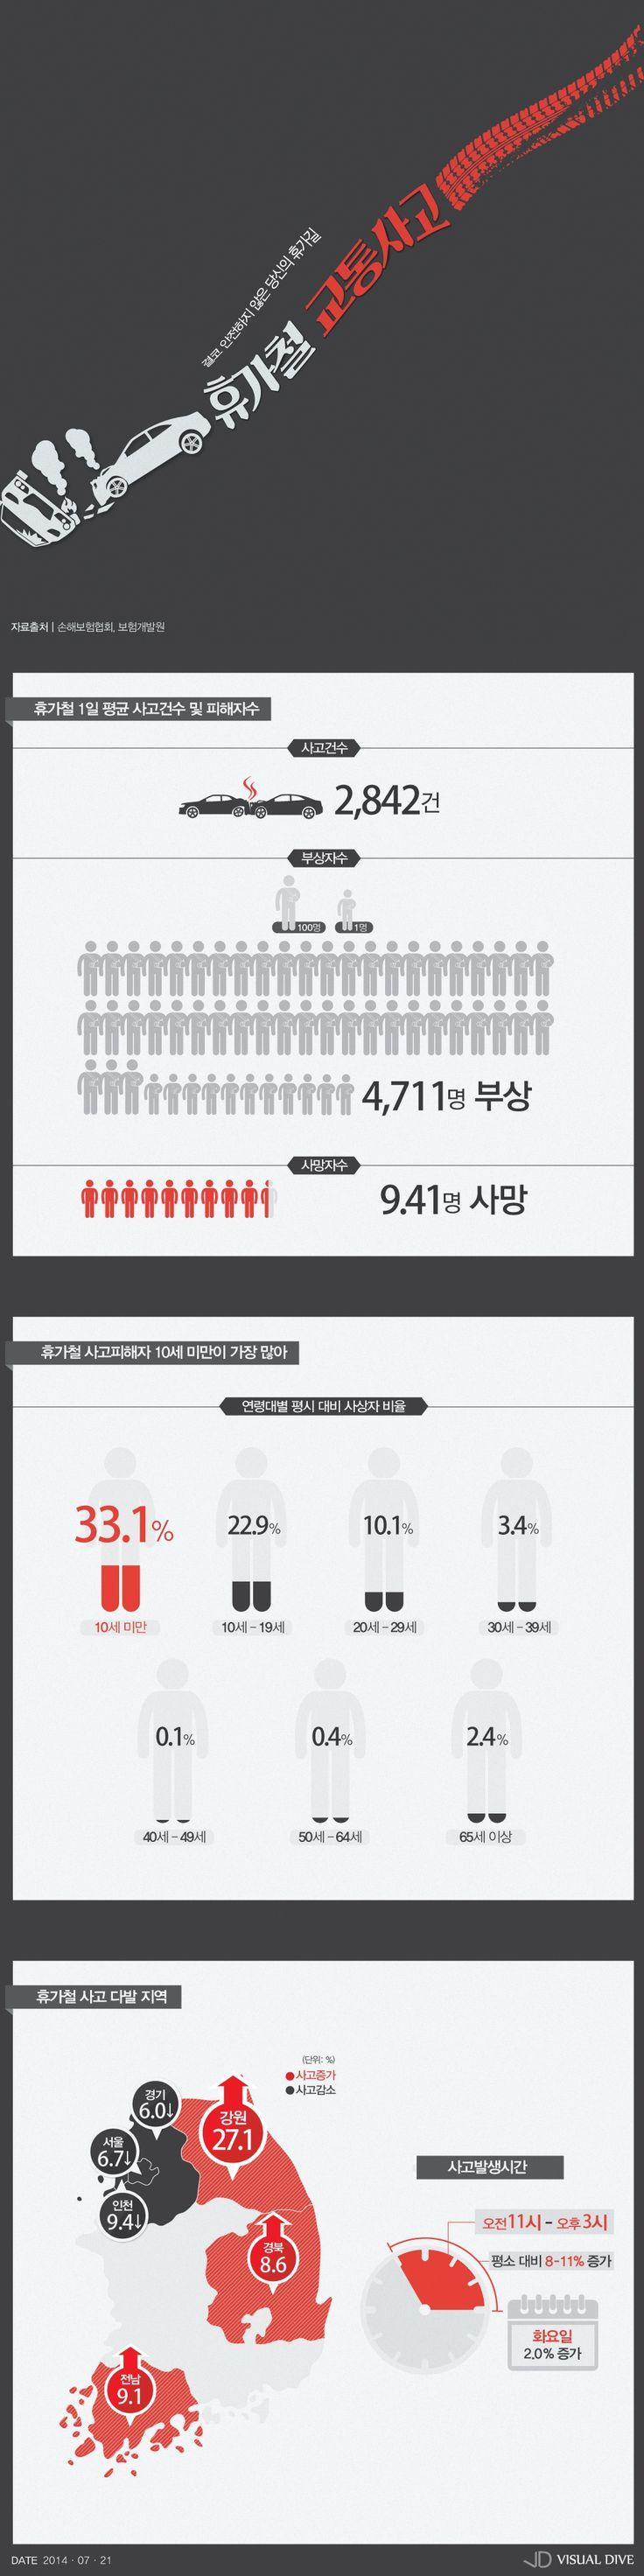 '결코 안전하지 않은 당신의 휴가길'…휴가철 자동차사고 어떻길래?[인포그래픽] #Vacation / #Infographic ⓒ 비주얼다이브 무단 복사·전재·재배포 금지